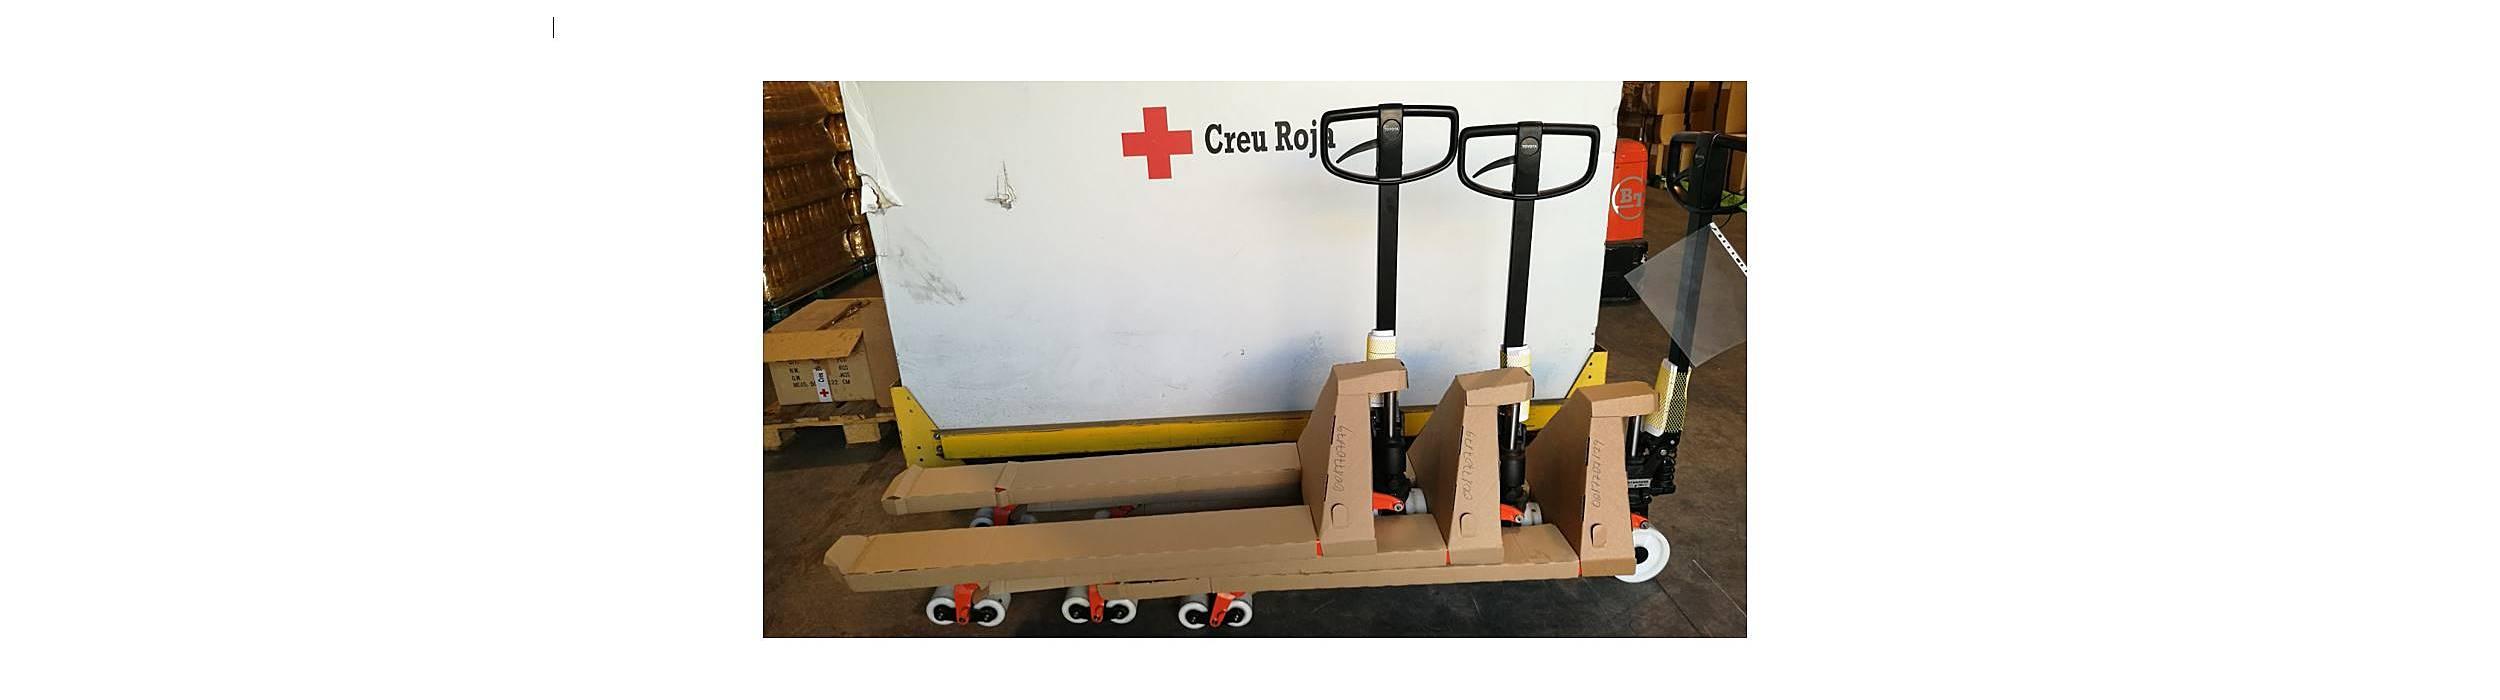 transpaletas manuales en cruz roja